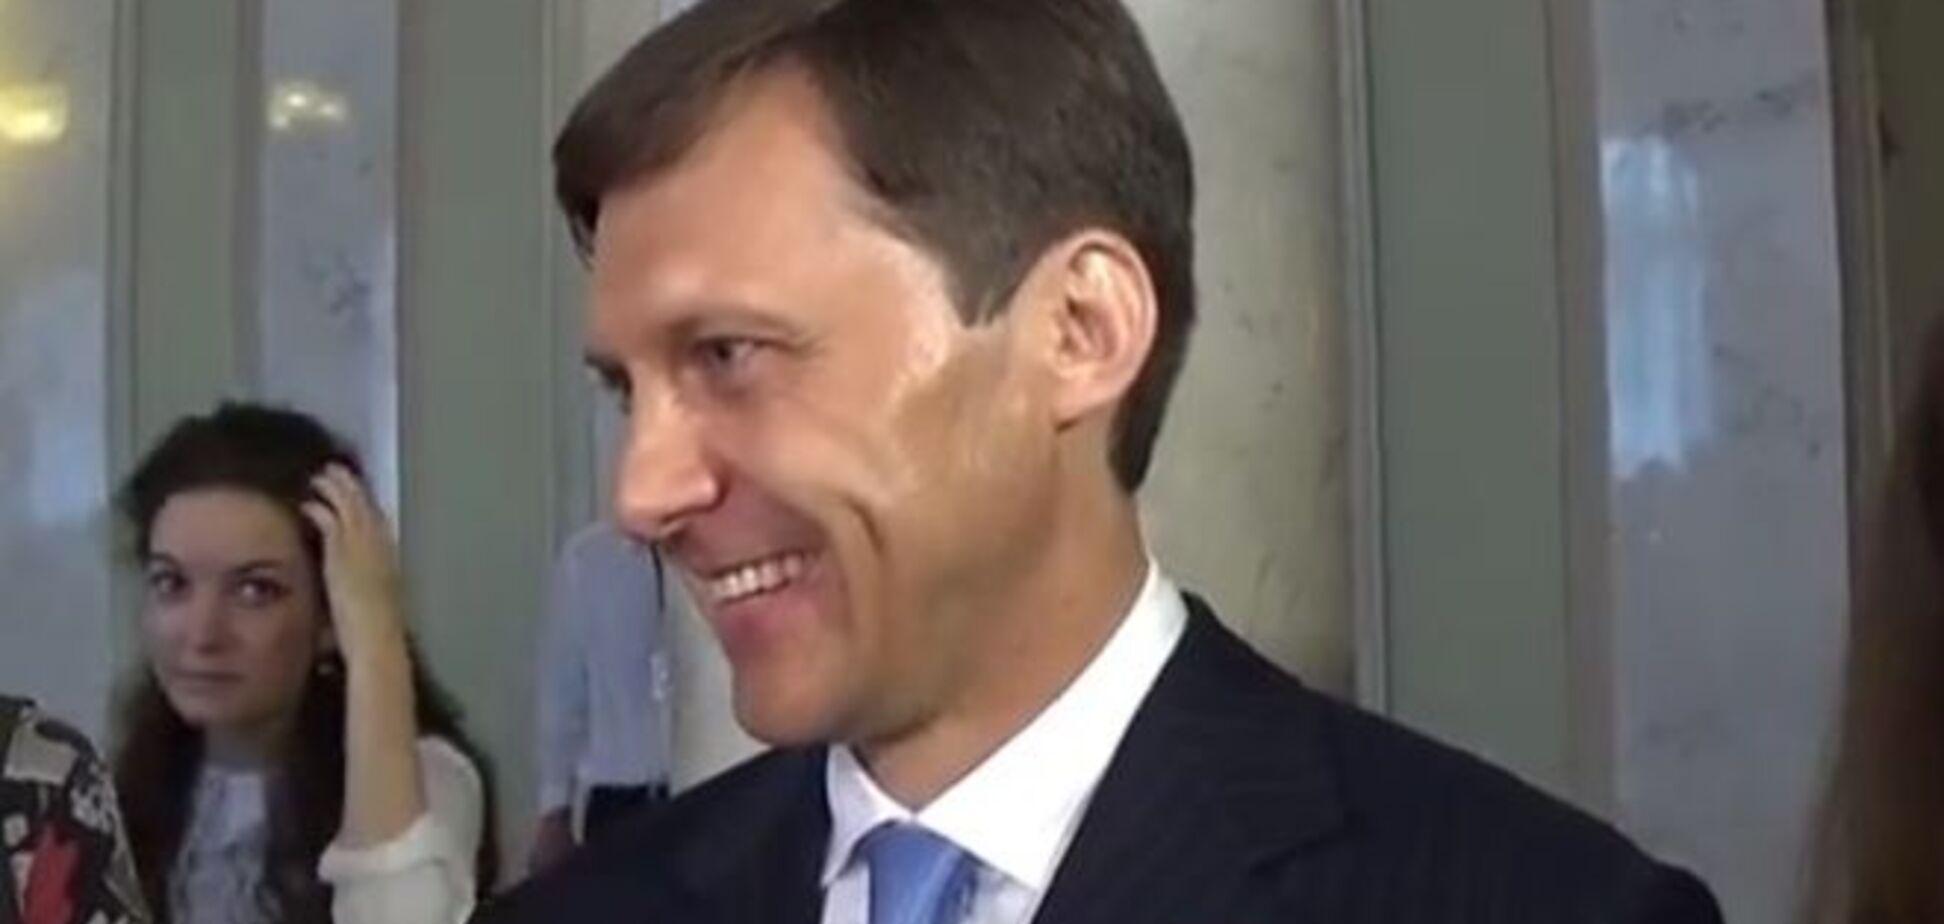 Шевченко заплутався у зв'язках з Онищенком: міністра підловили на брехні